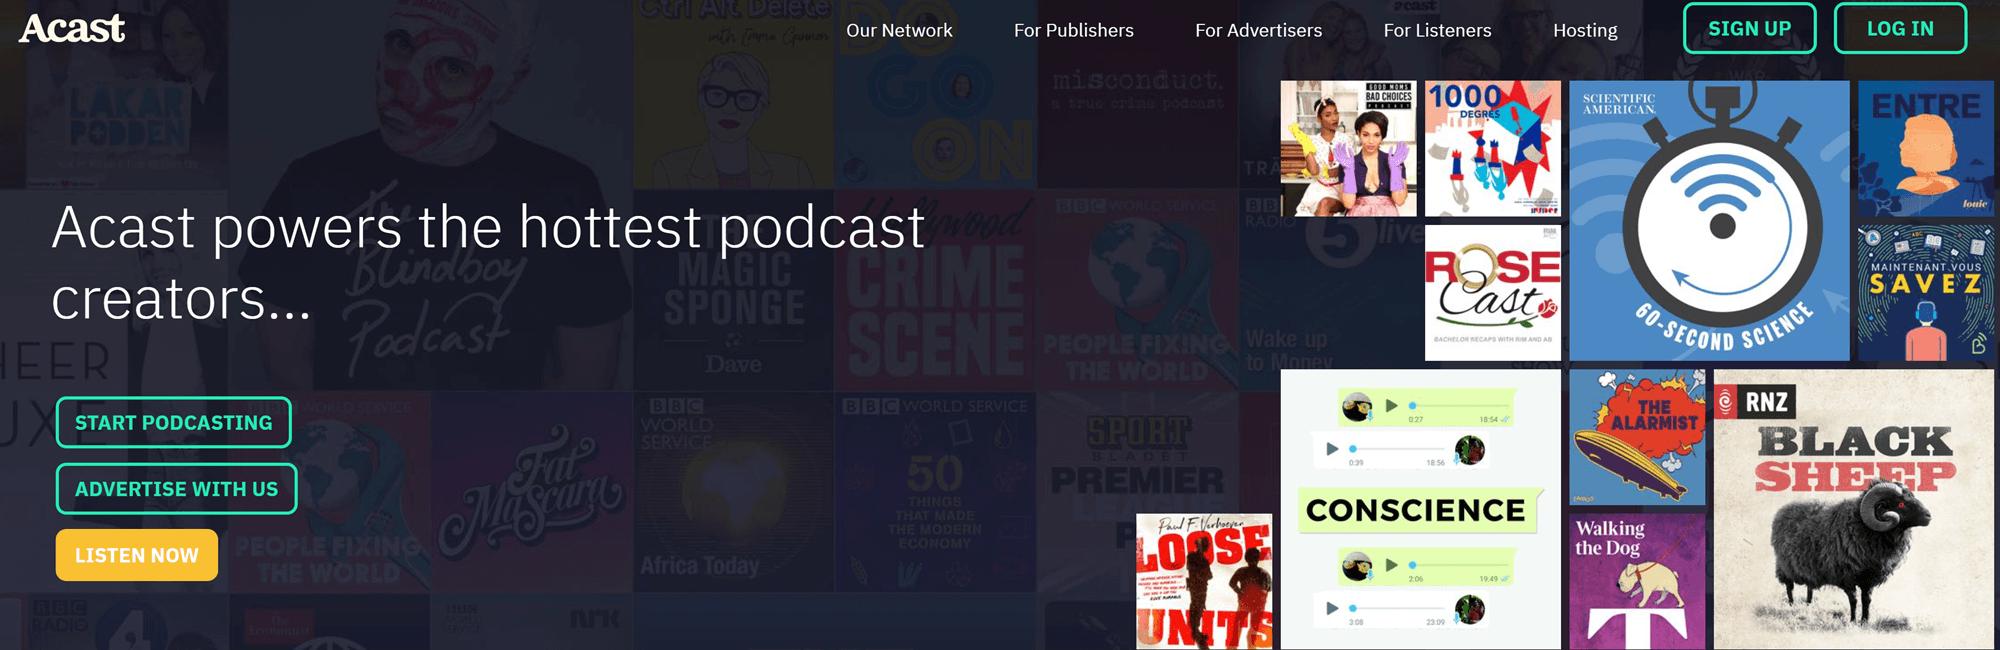 Melhor hospedagem gratuita de podcast: Acast